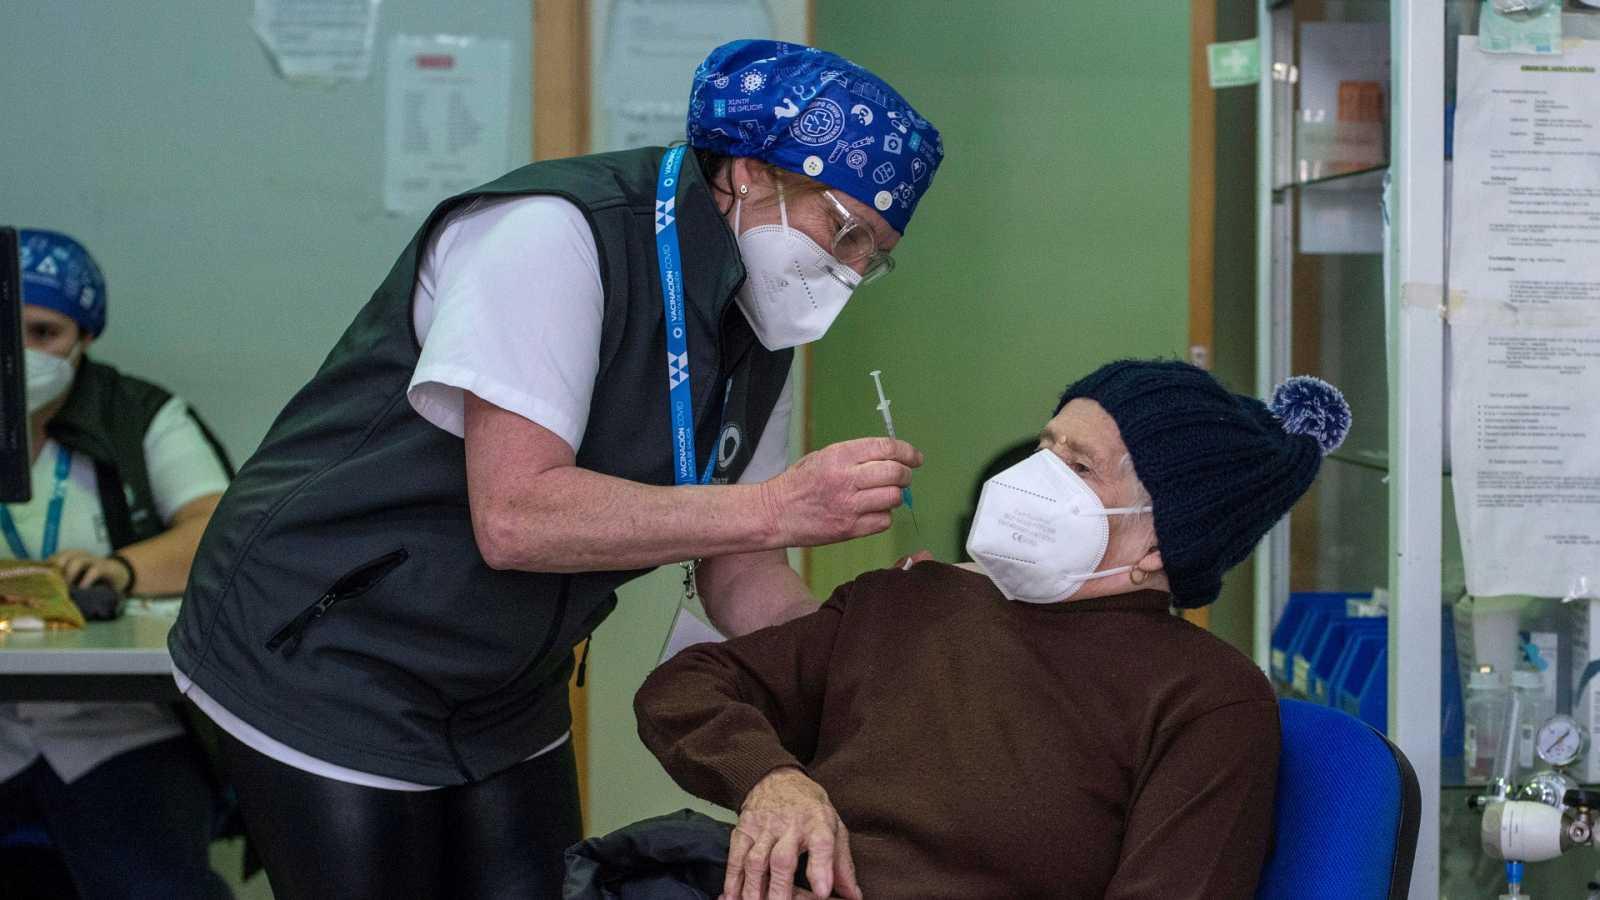 14 horas - Galicia aprueba una polémica reforma que contempla que vacunarse sea obligatorio - Escuchar ahora